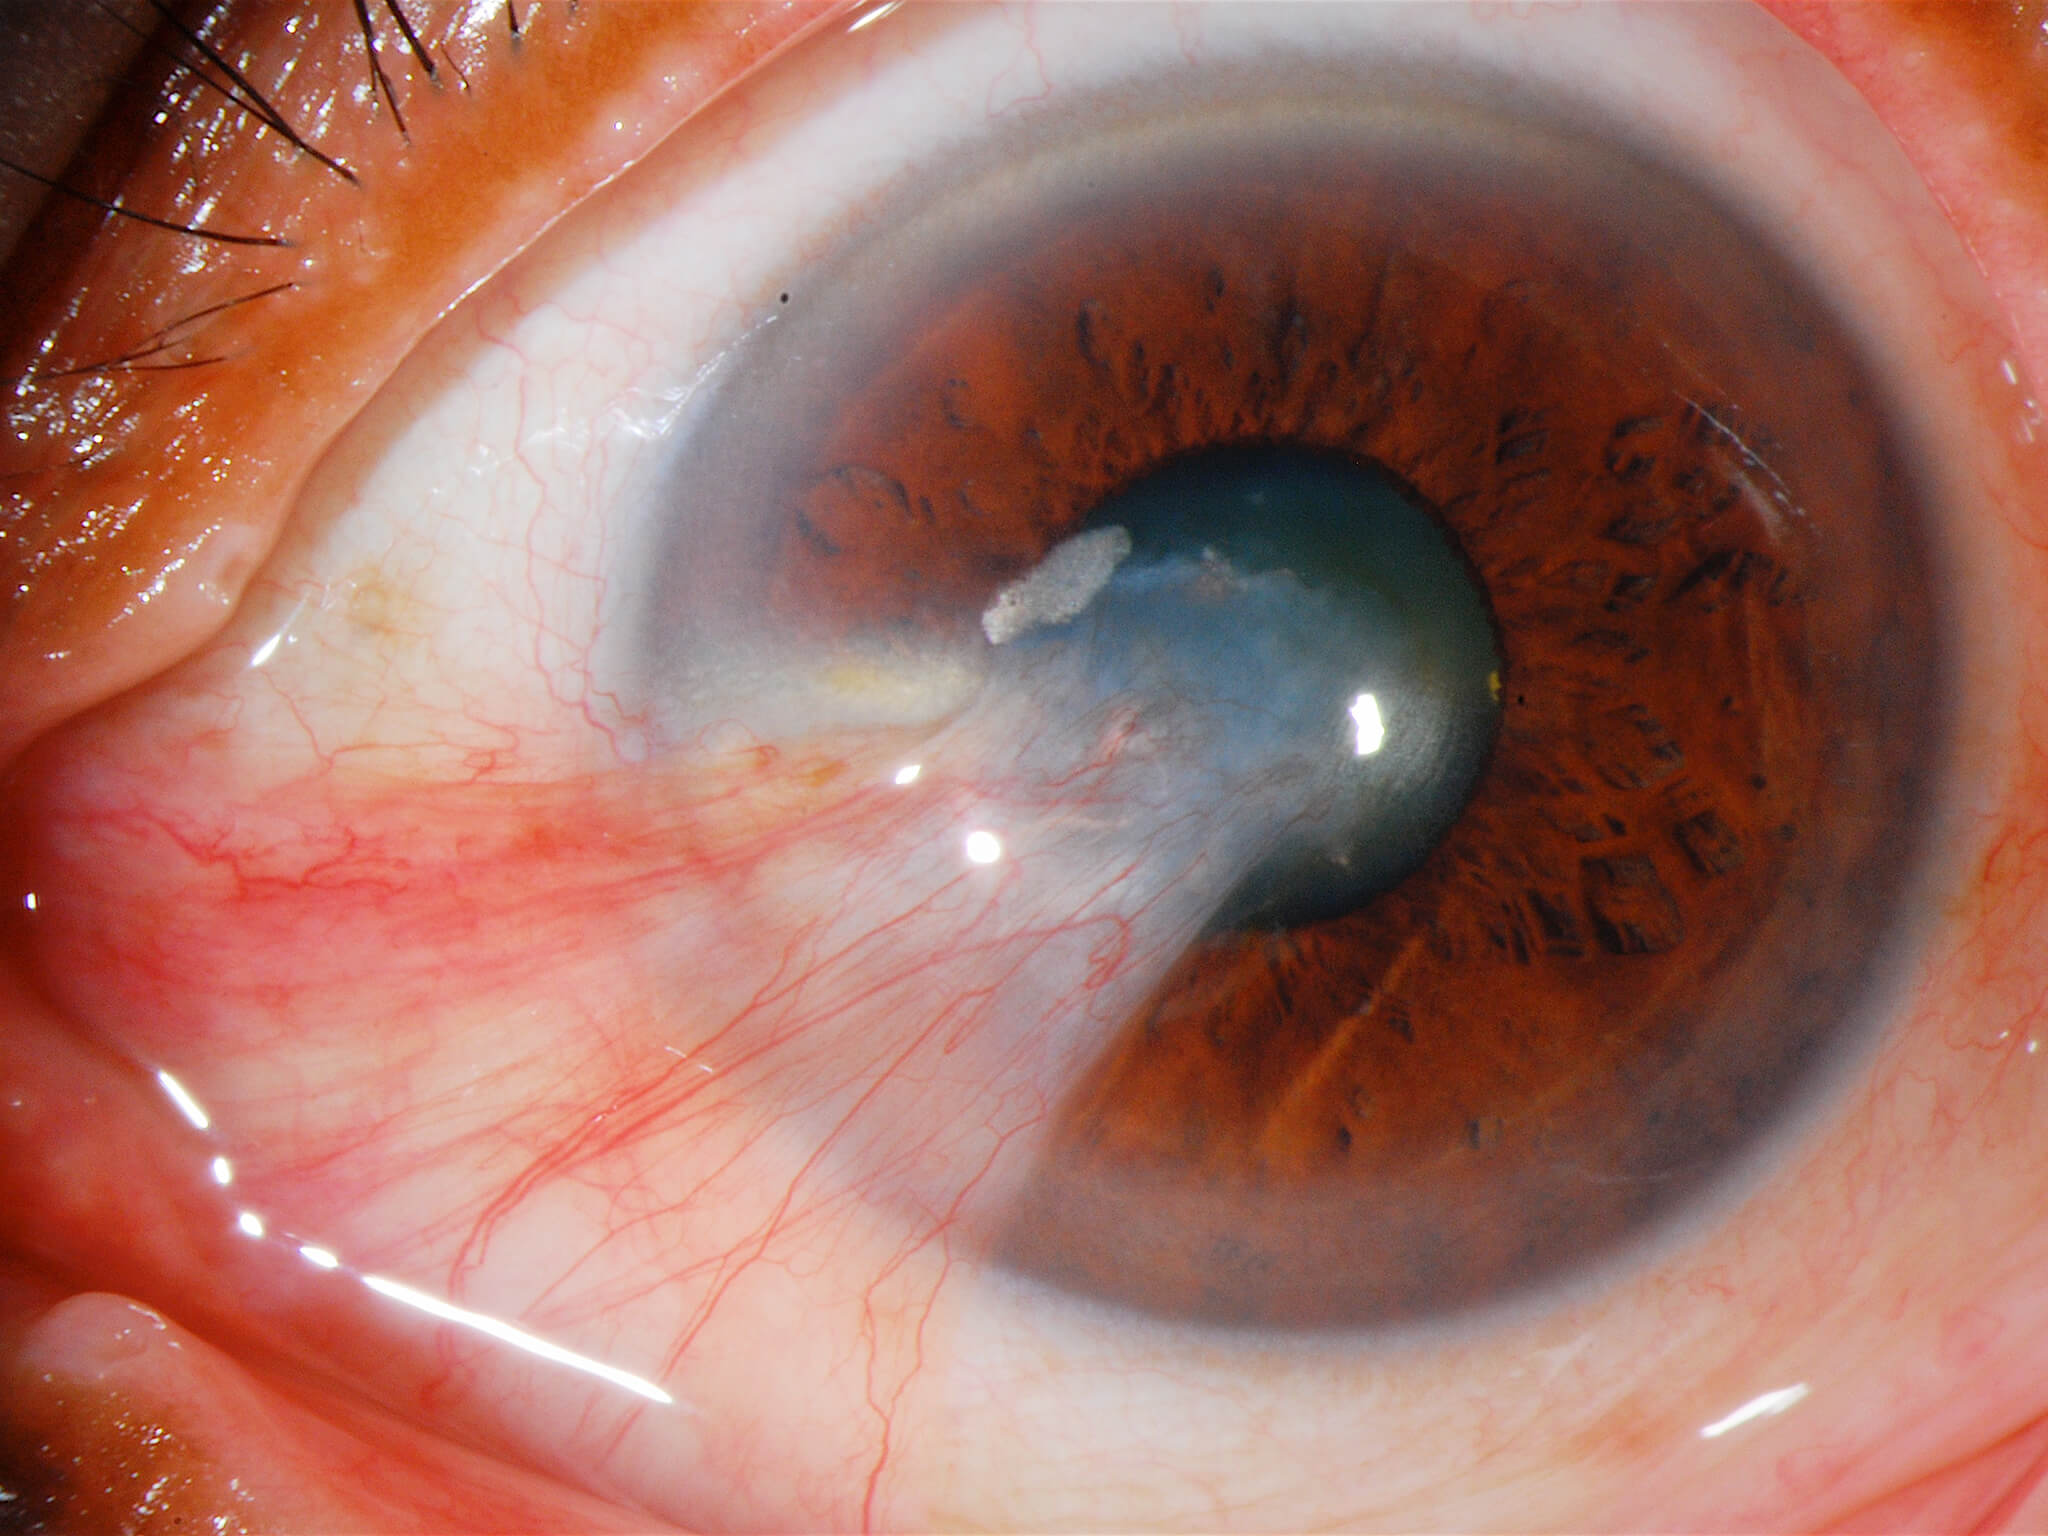 Pterigio - Pterigio nasale con invasione corneale